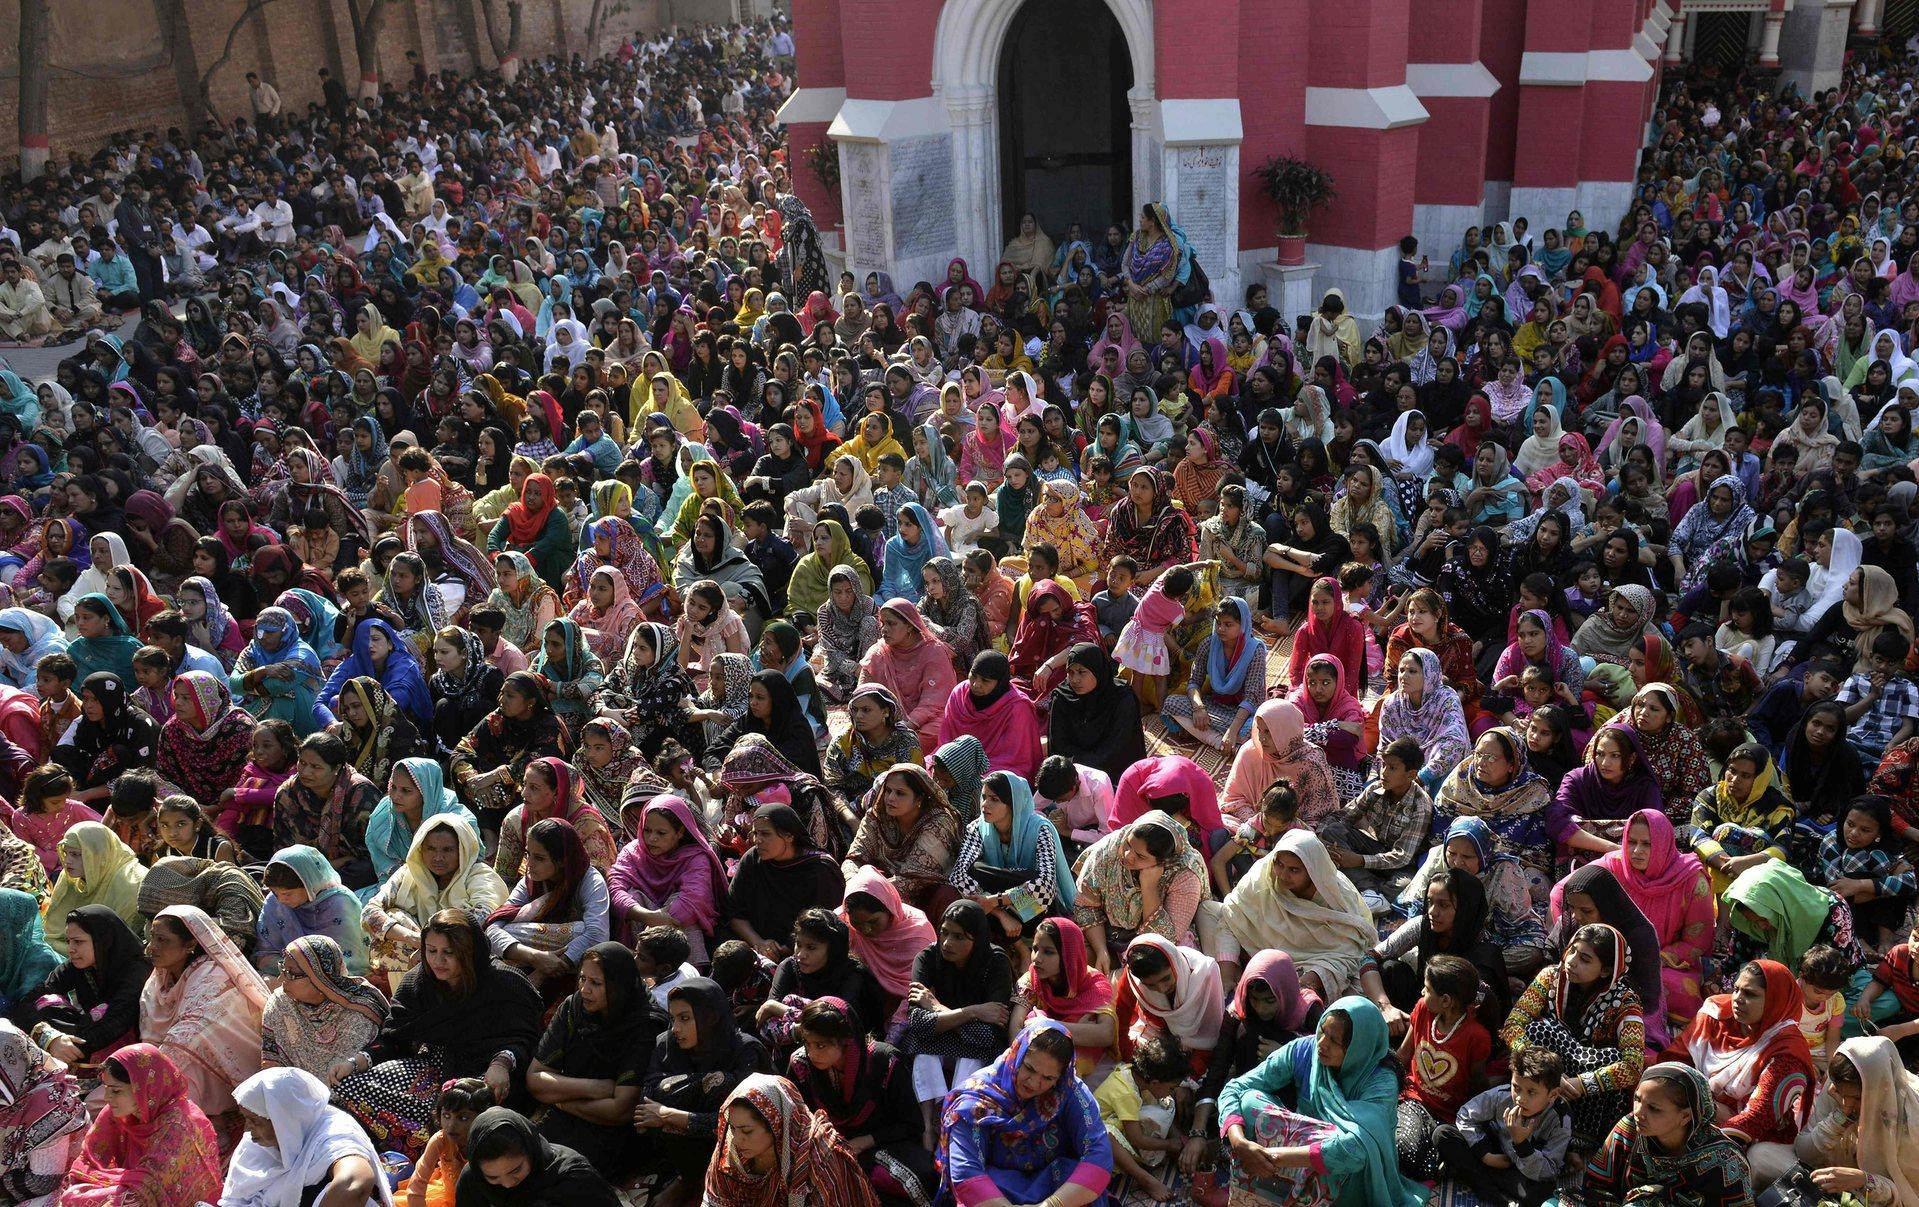 Лахор, Пакистан Поклонници посещават масово църквата Св. Антъни Снимка: Ариф Али / AFP / Getty Images